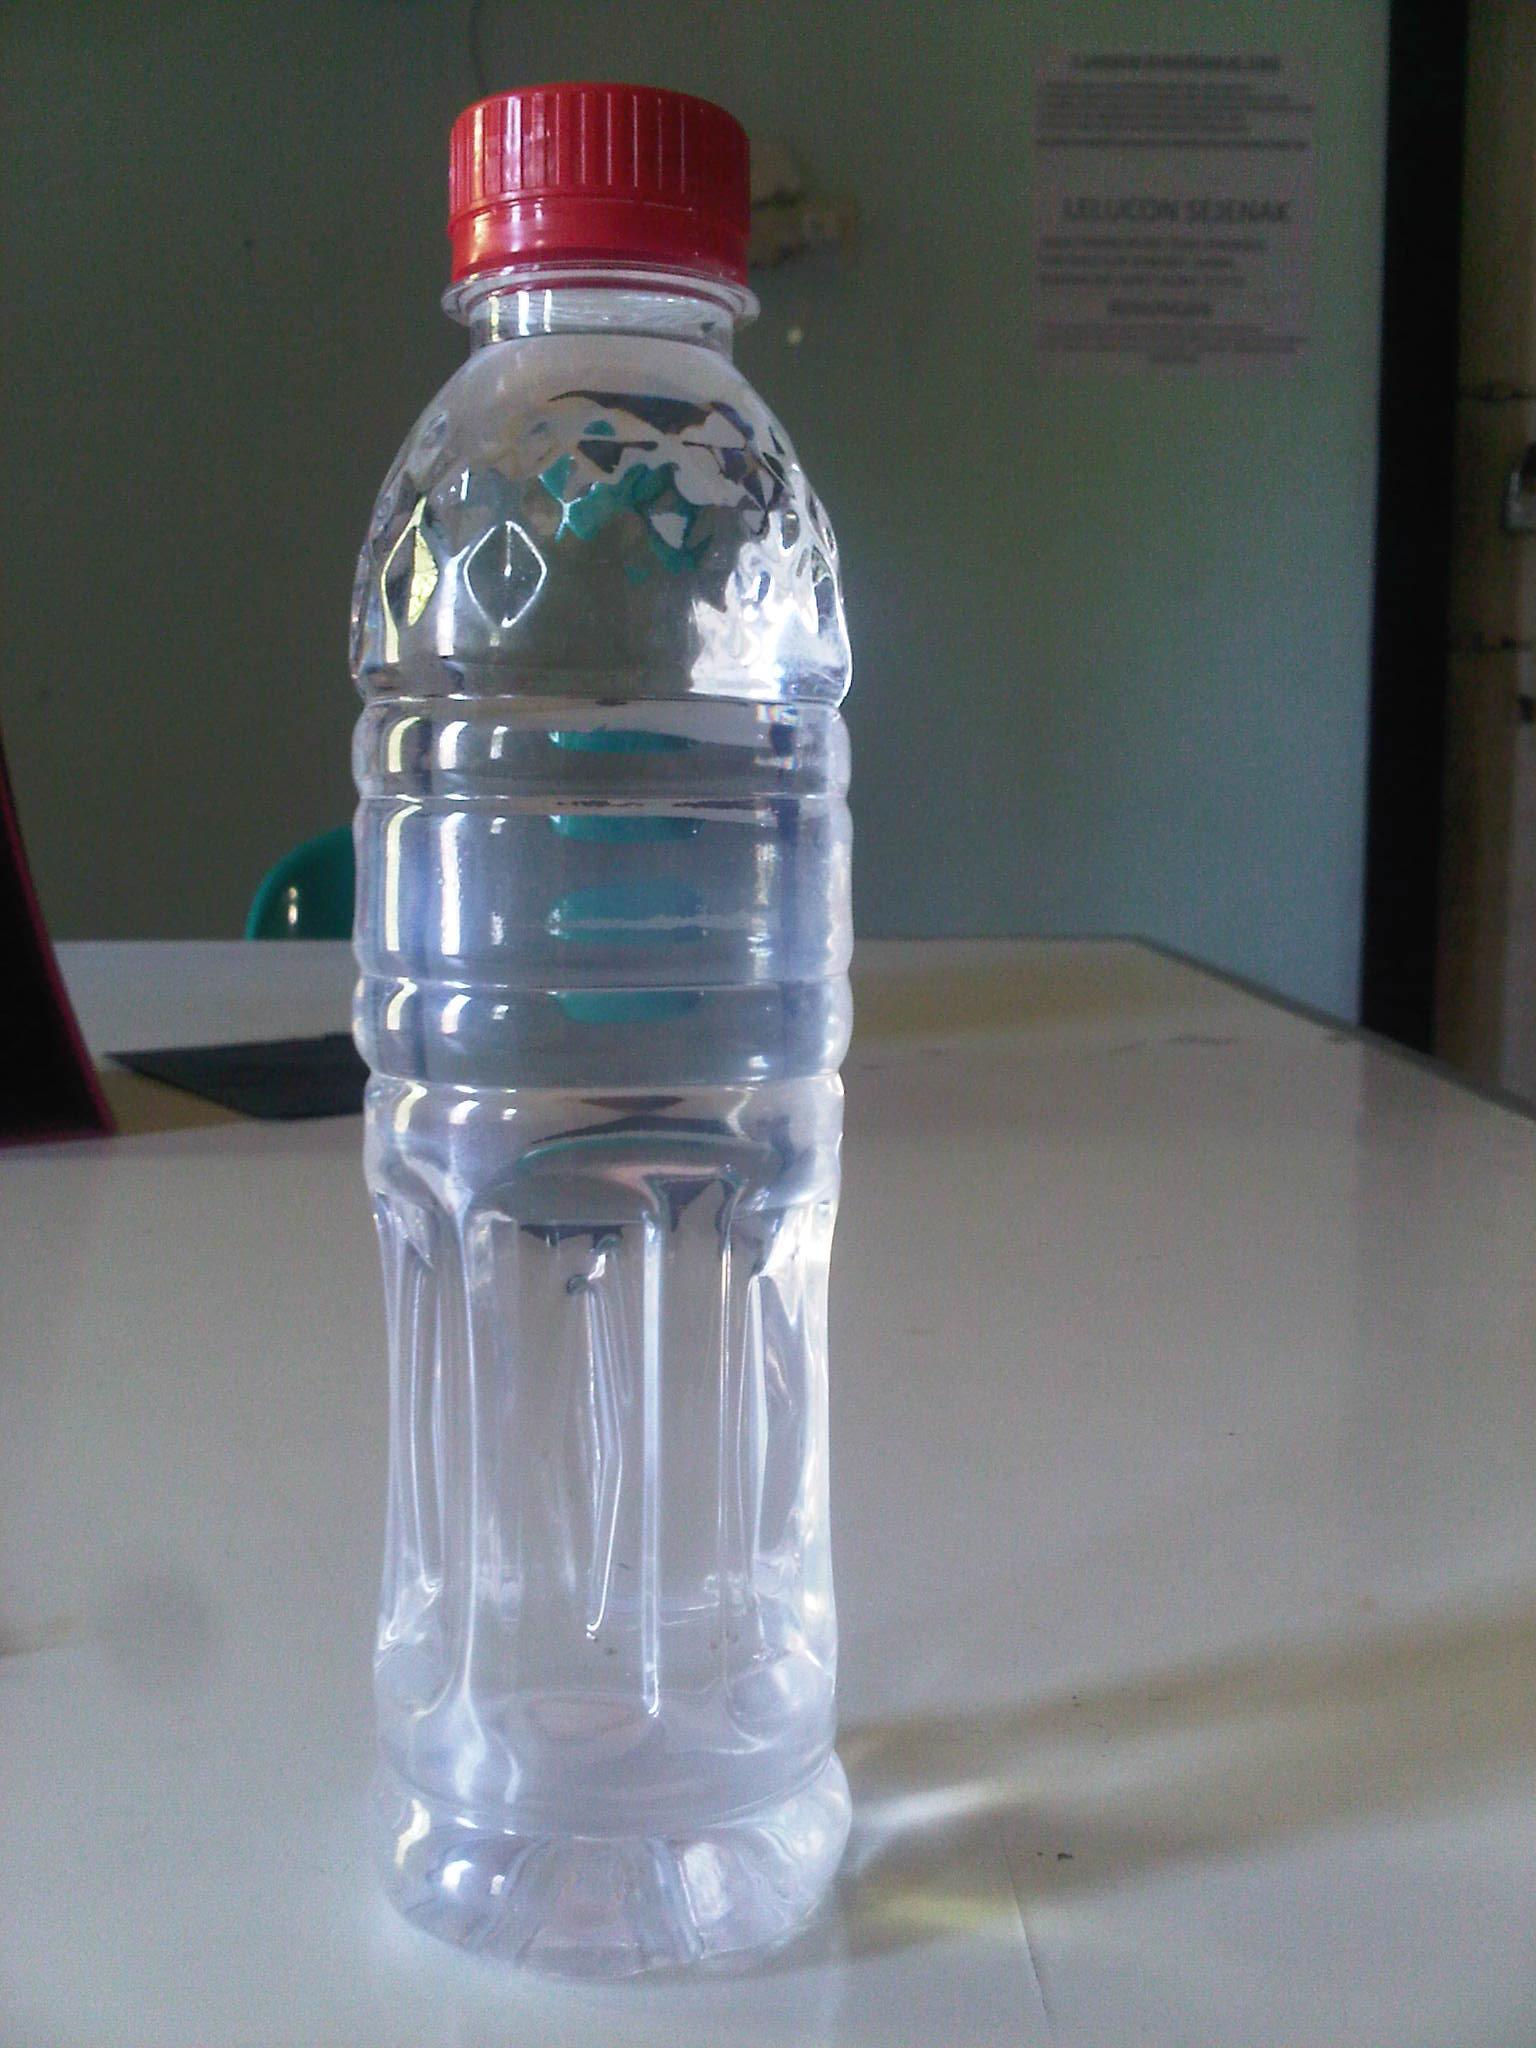 Jual Kemasan Botol Plastik Harga Murah Makassar oleh UD. Anugrah Jaya Sentosa